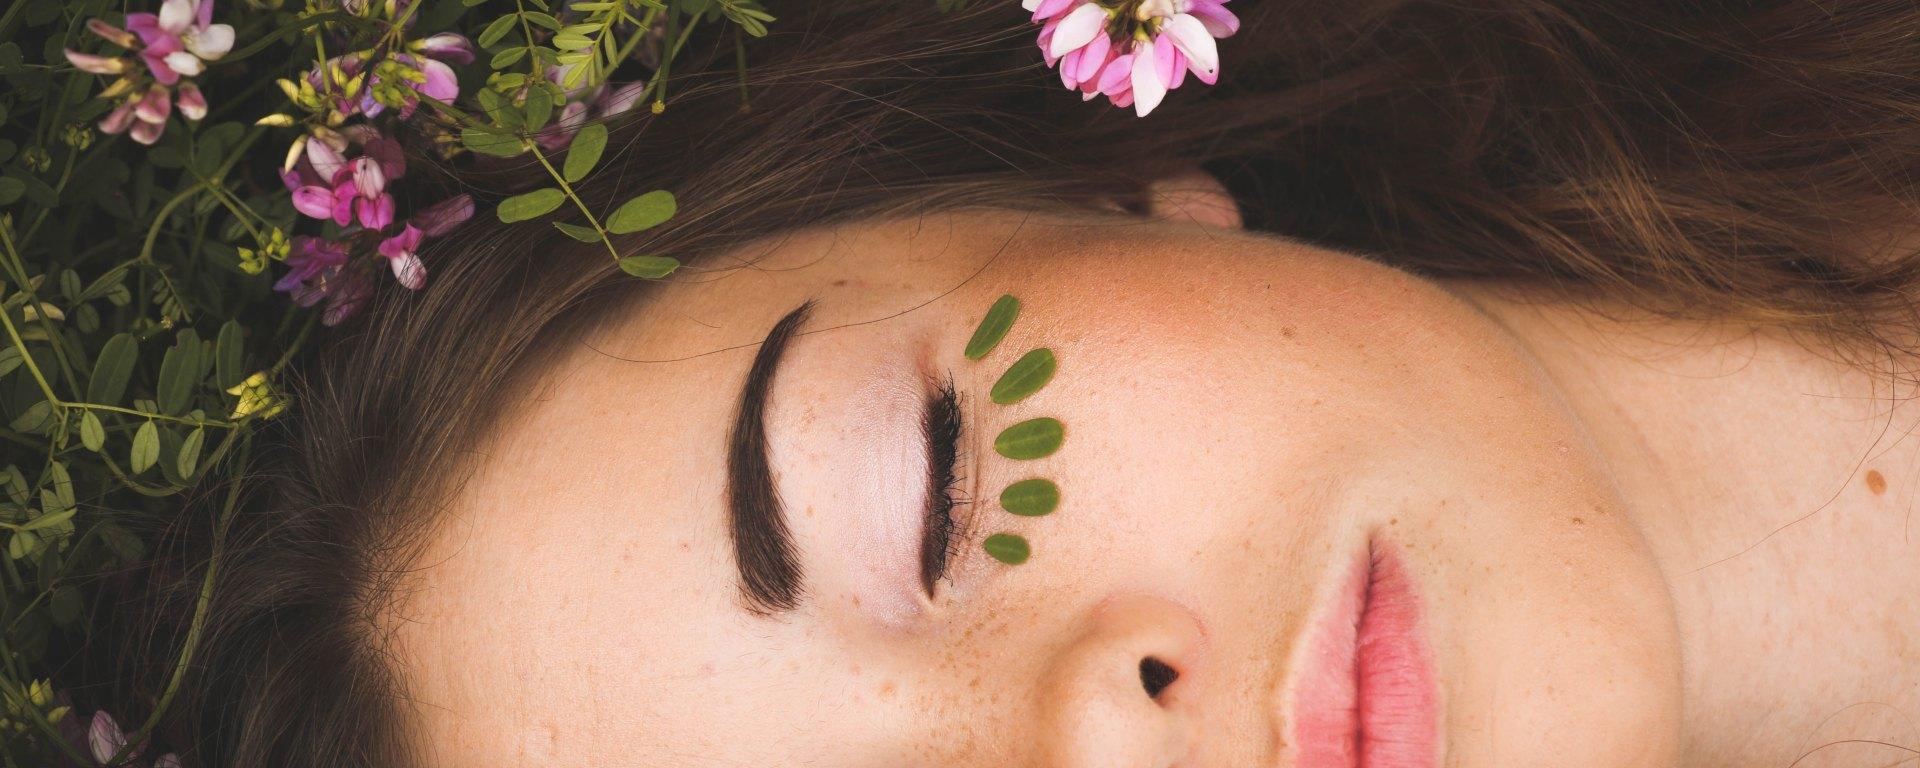 5 rituels bien être pour évacuer le stress